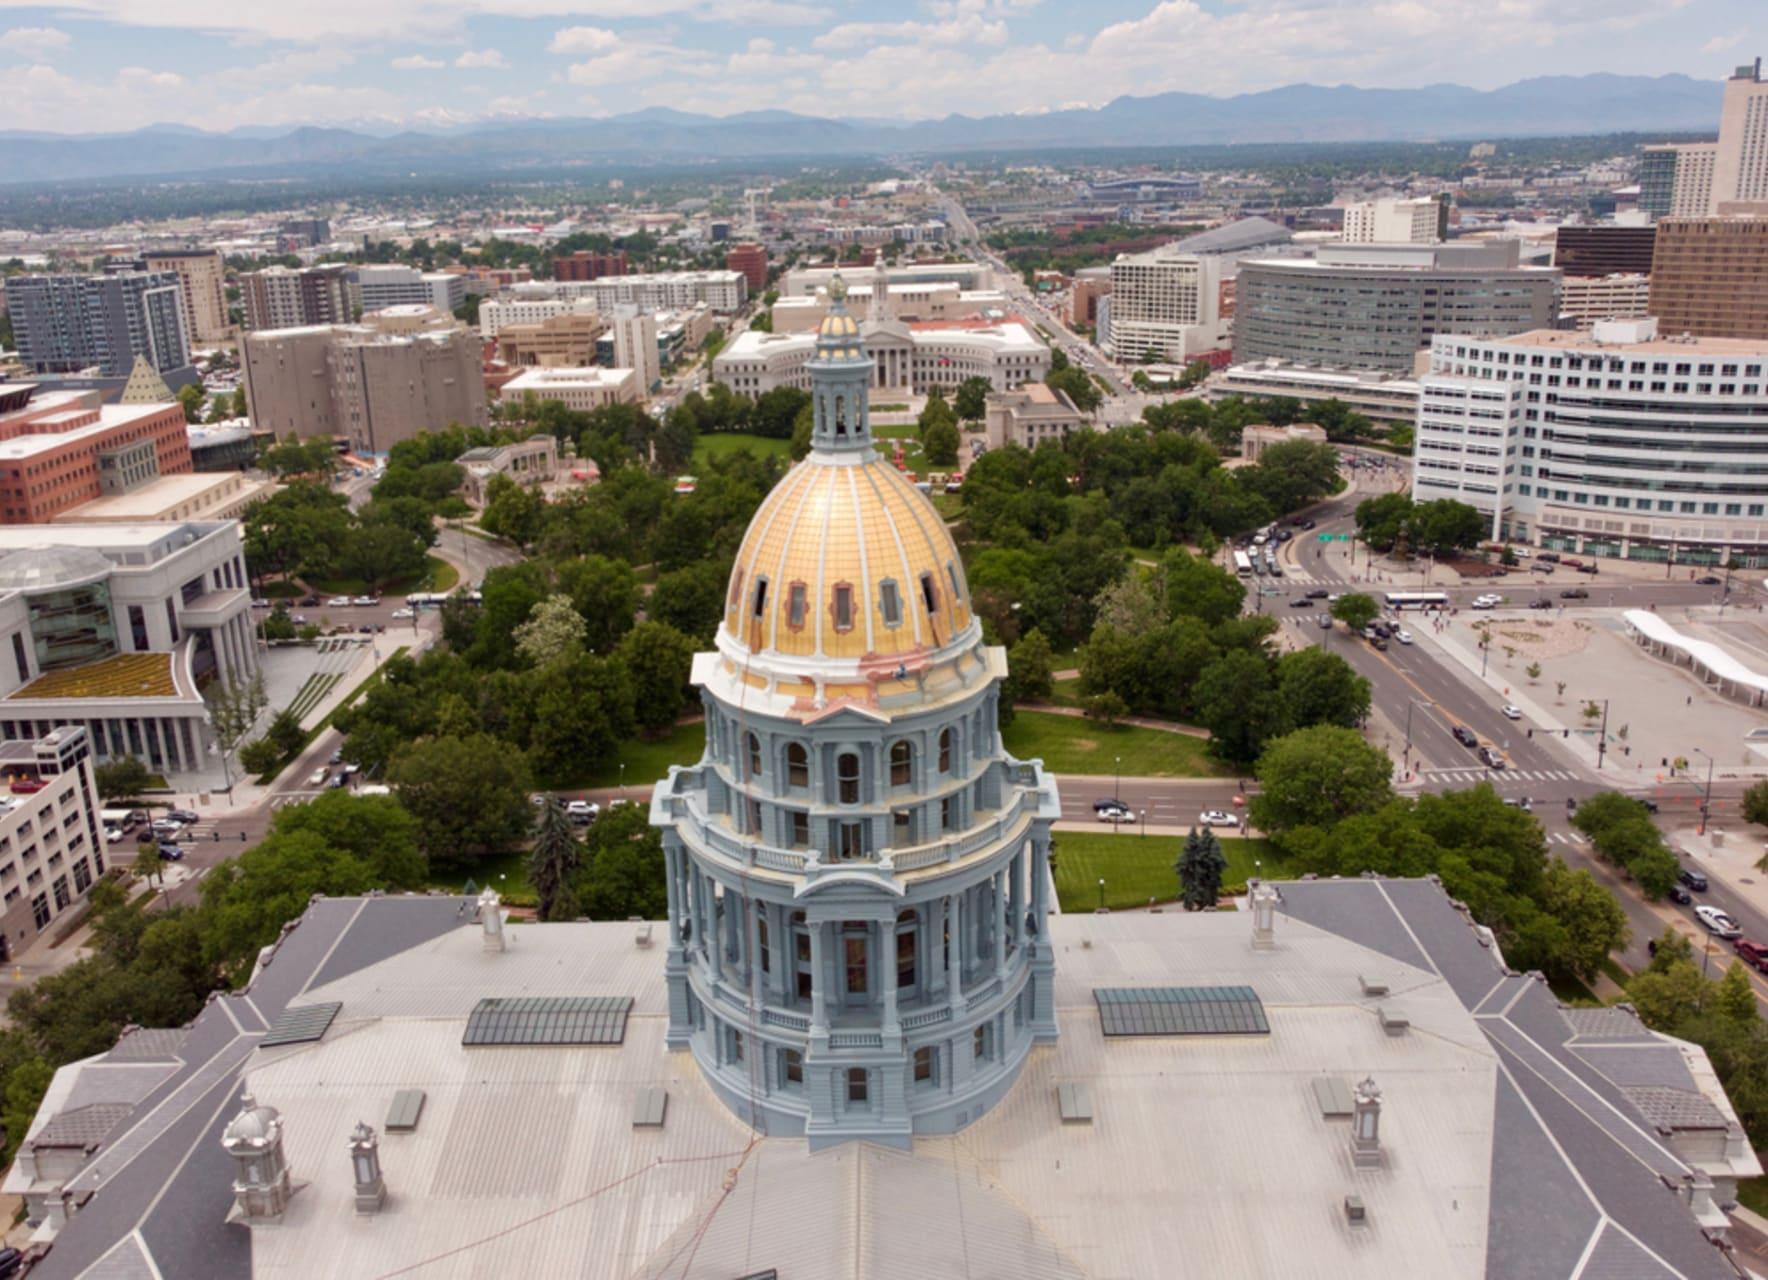 Denver - Denver Legends: The Unsinkable Molly Brown